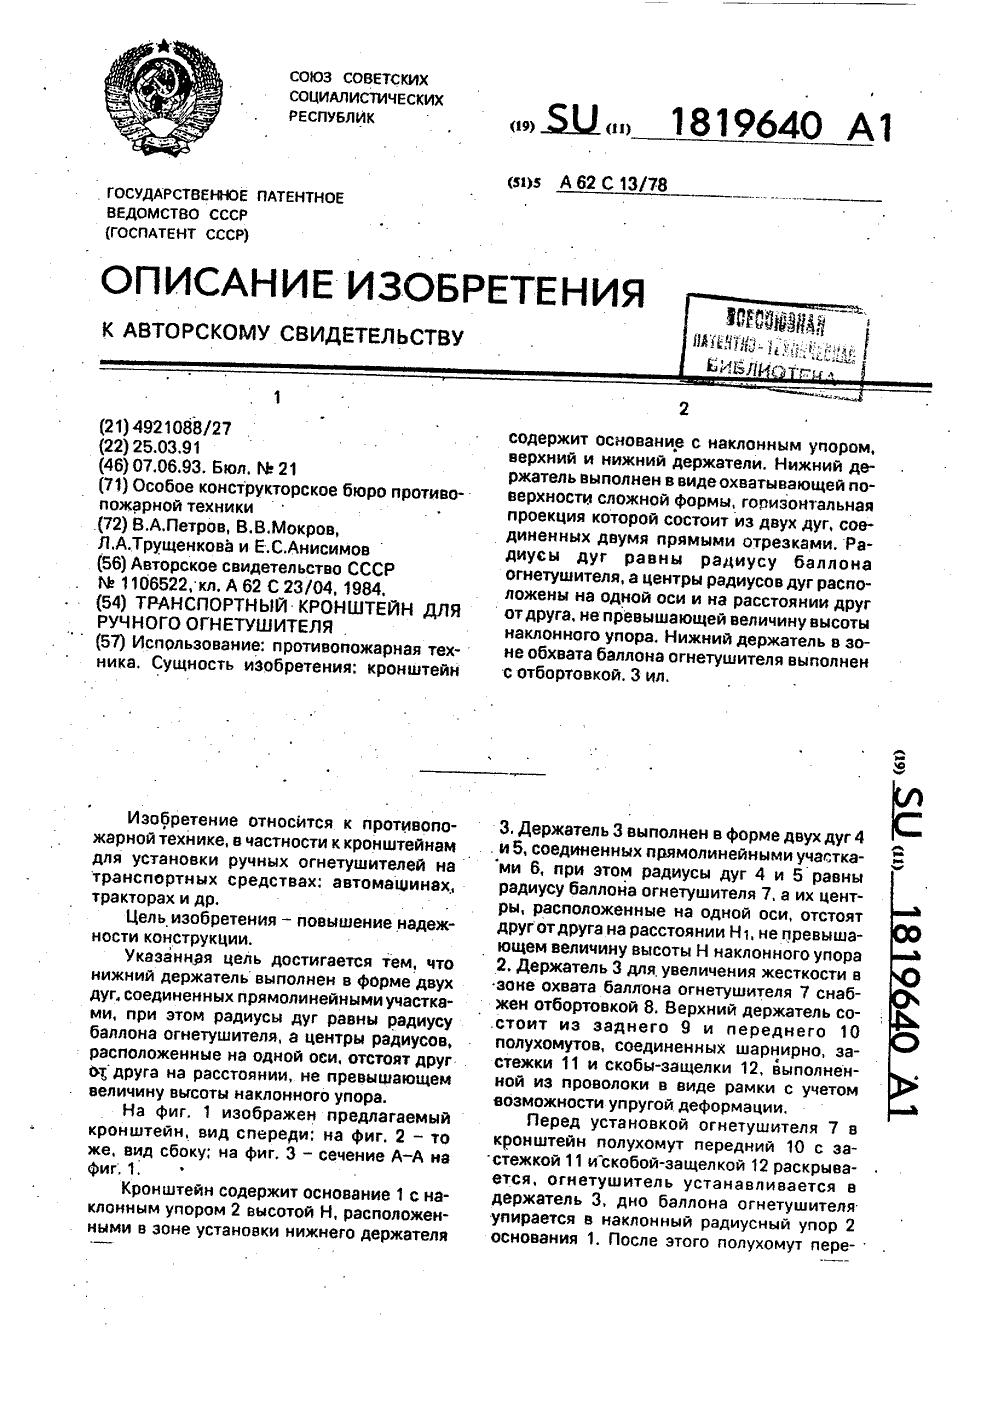 пневматический вагинальный вибратор схема